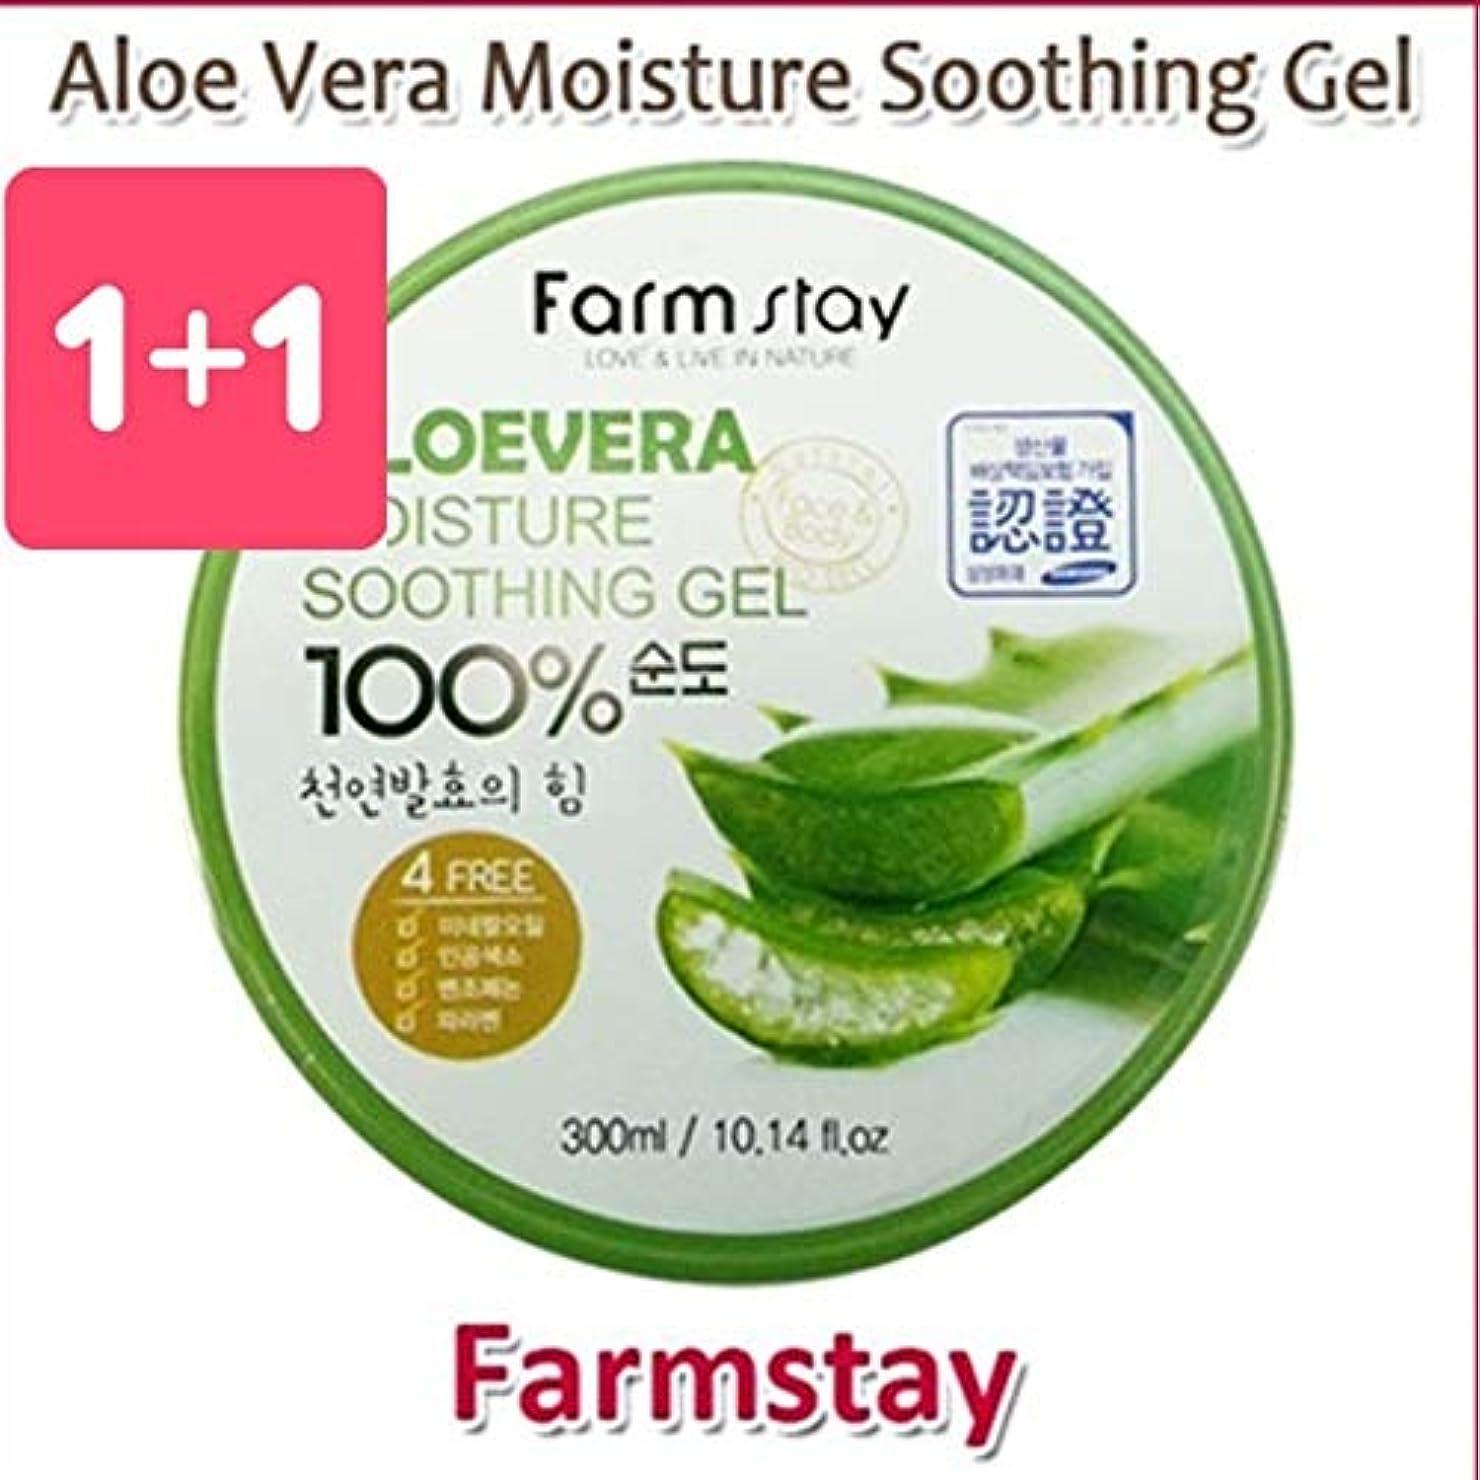 フクロウ整然とした不合格Farm Stay Aloe Vera Moisture Soothing Gel 300ml 1+1 Big Sale/オーガニック アロエベラゲル 100%/保湿ケア/韓国コスメ/Aloe Vera 100% /Moisturizing...